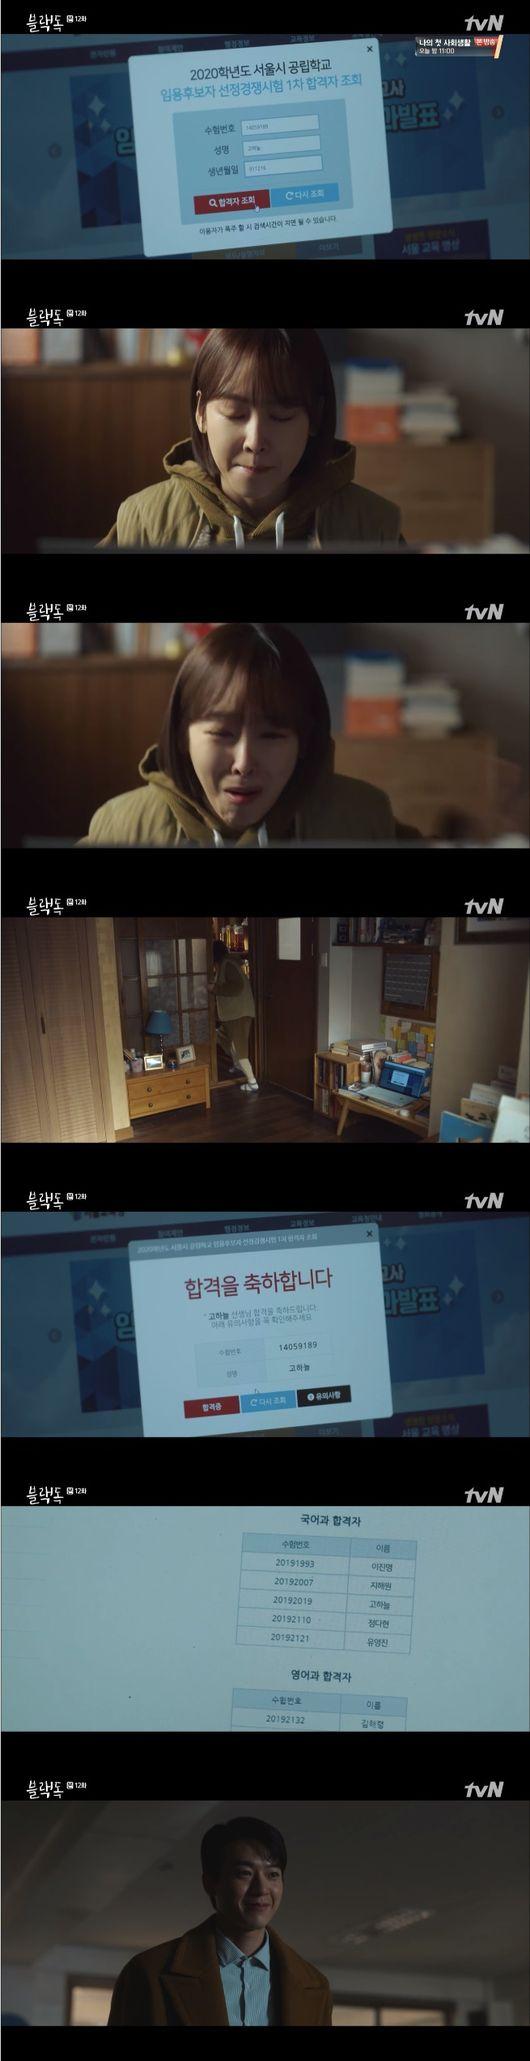 '블랙독' 서현진, 진유라 한국대 낙방 복선 … 정교사 낙방, '새로운 시작' [종합]